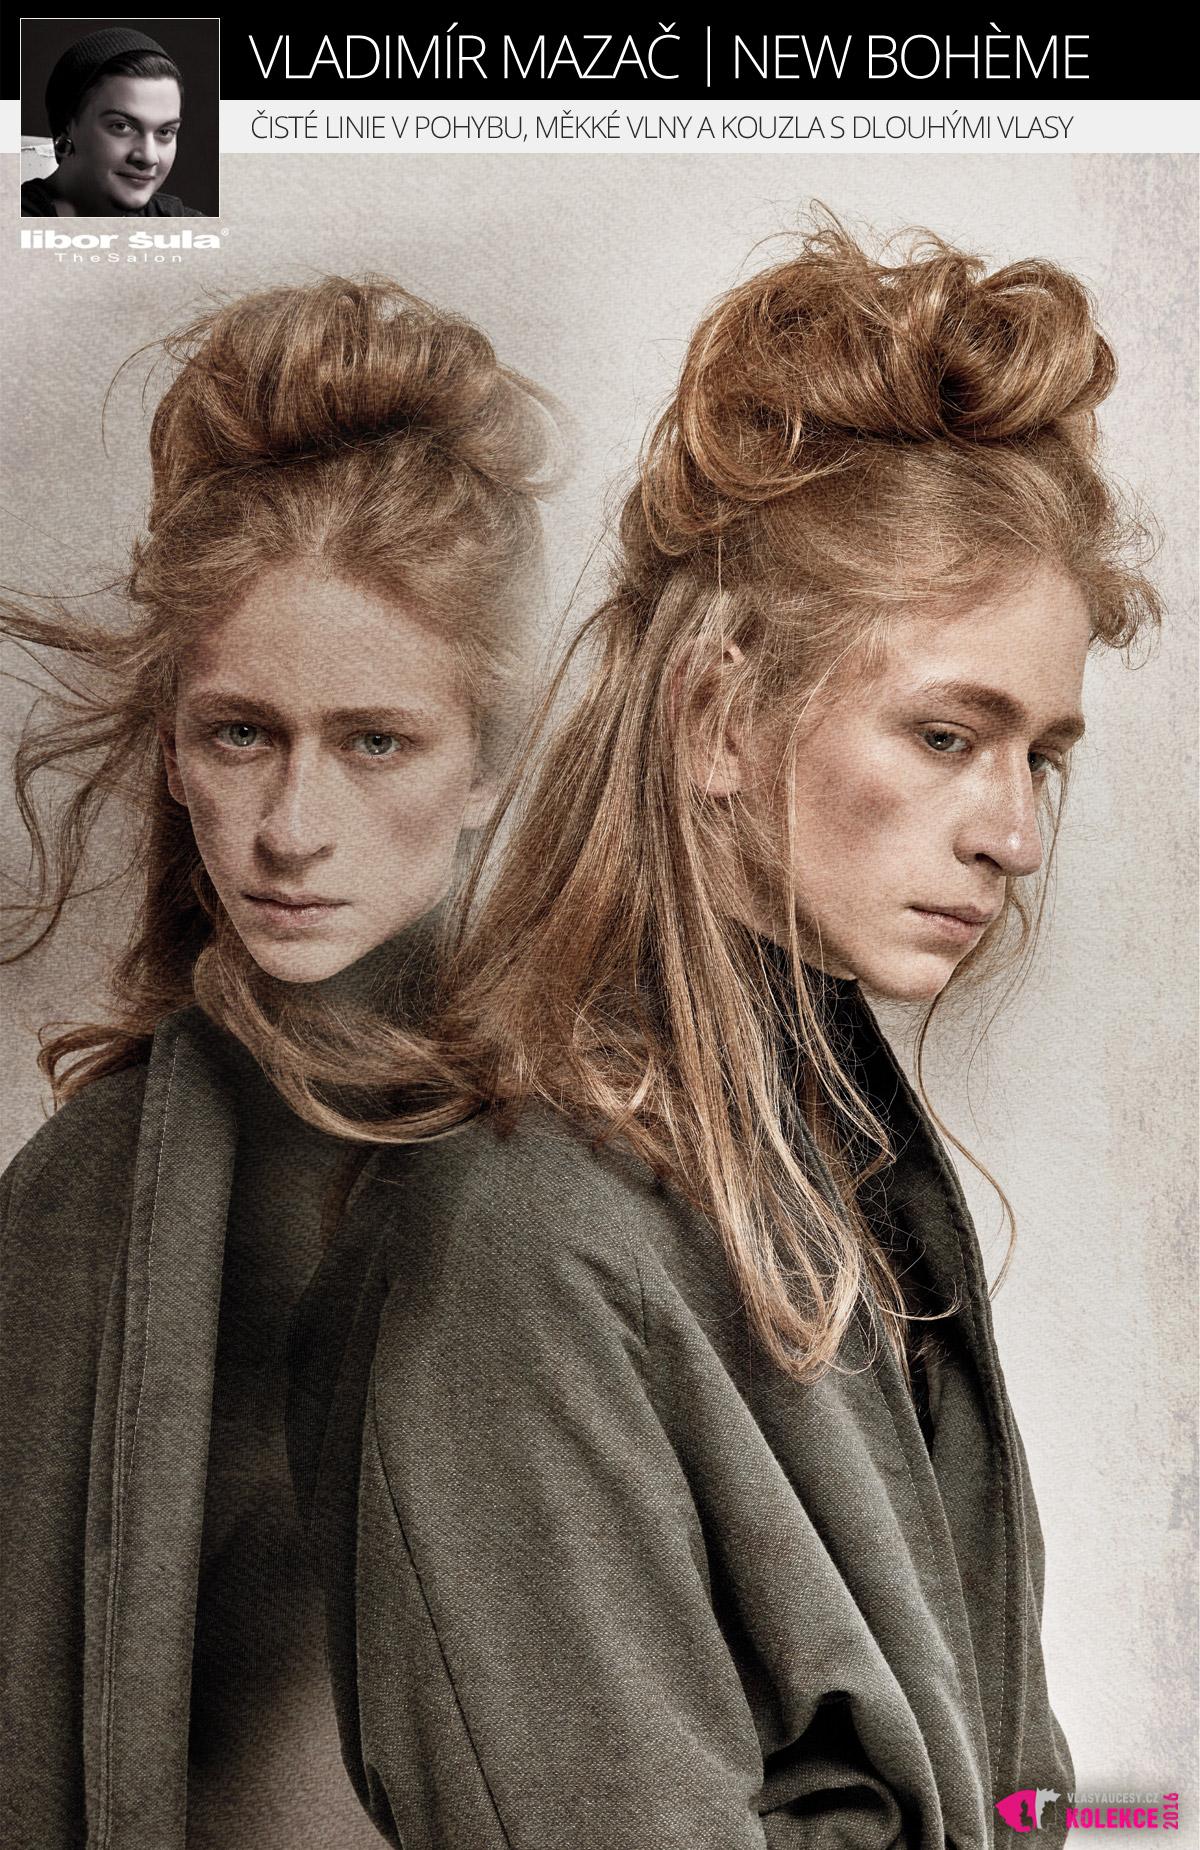 Dlouhé vlasy pro muže: Libor Šula The Salon – NEW BOHÈME.